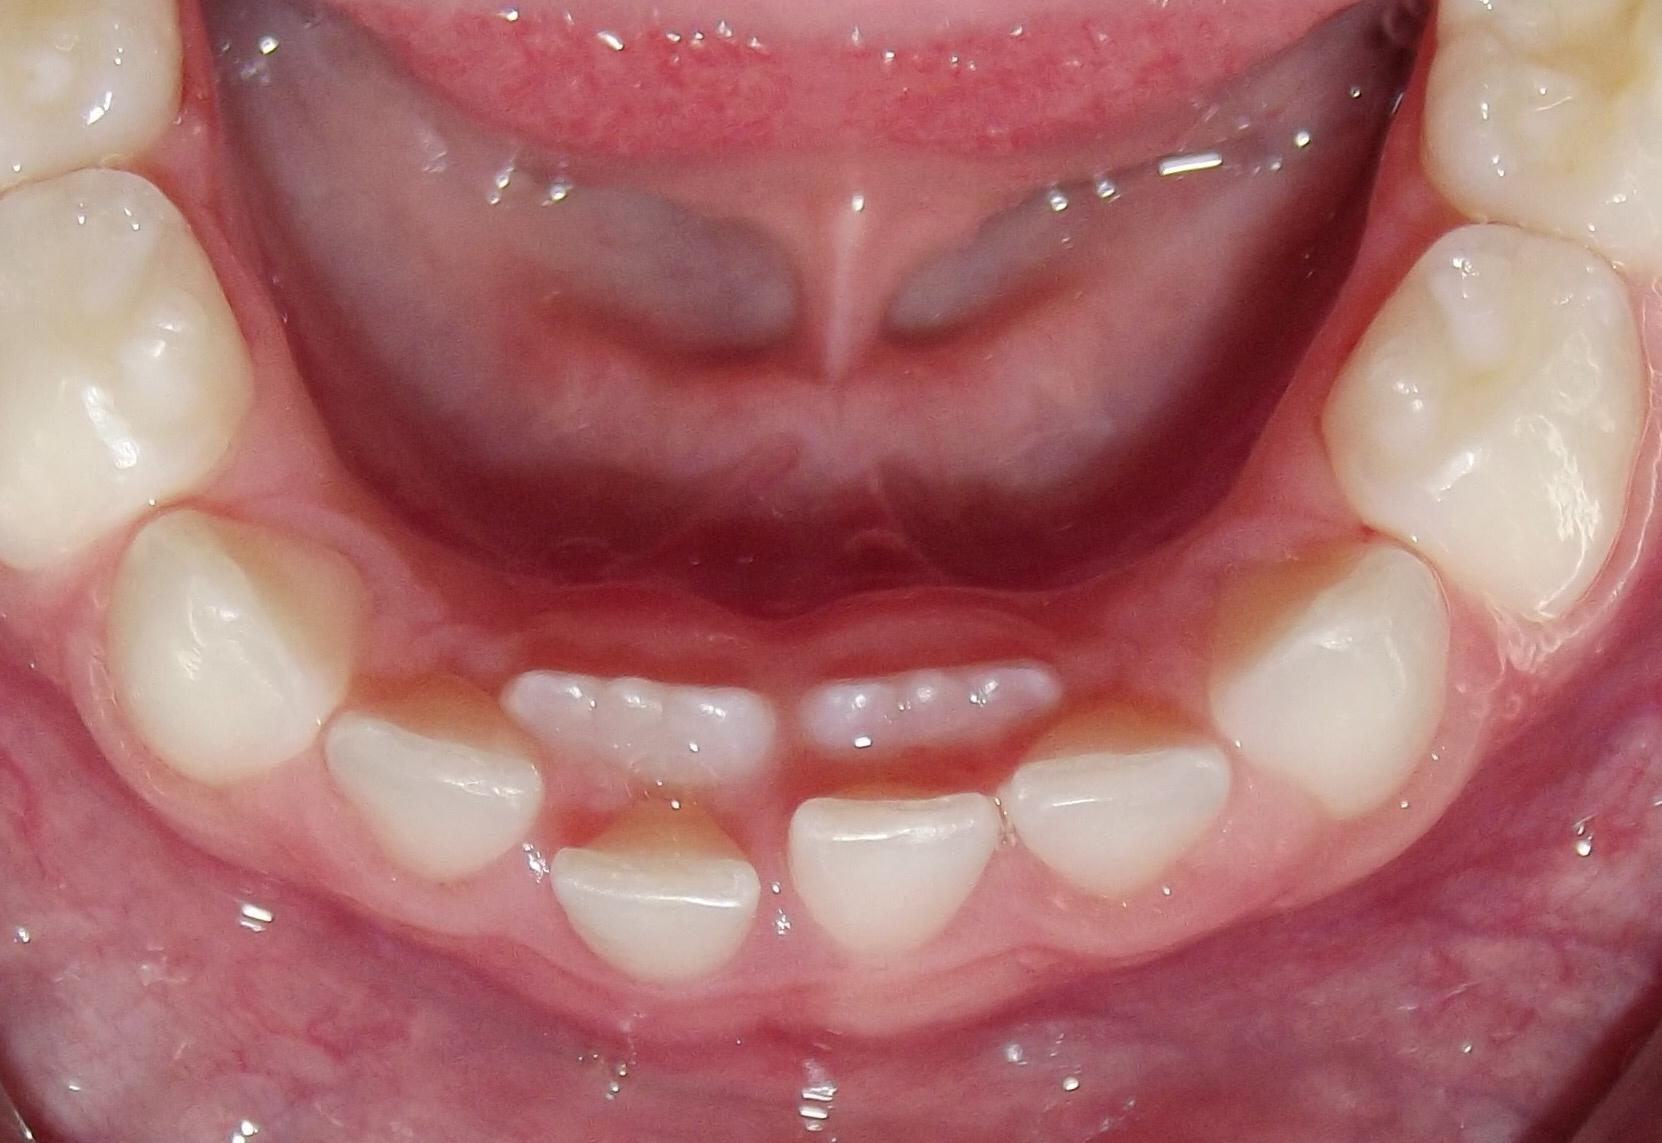 Rast stalnih prije ispadanja mlijecnih zuba